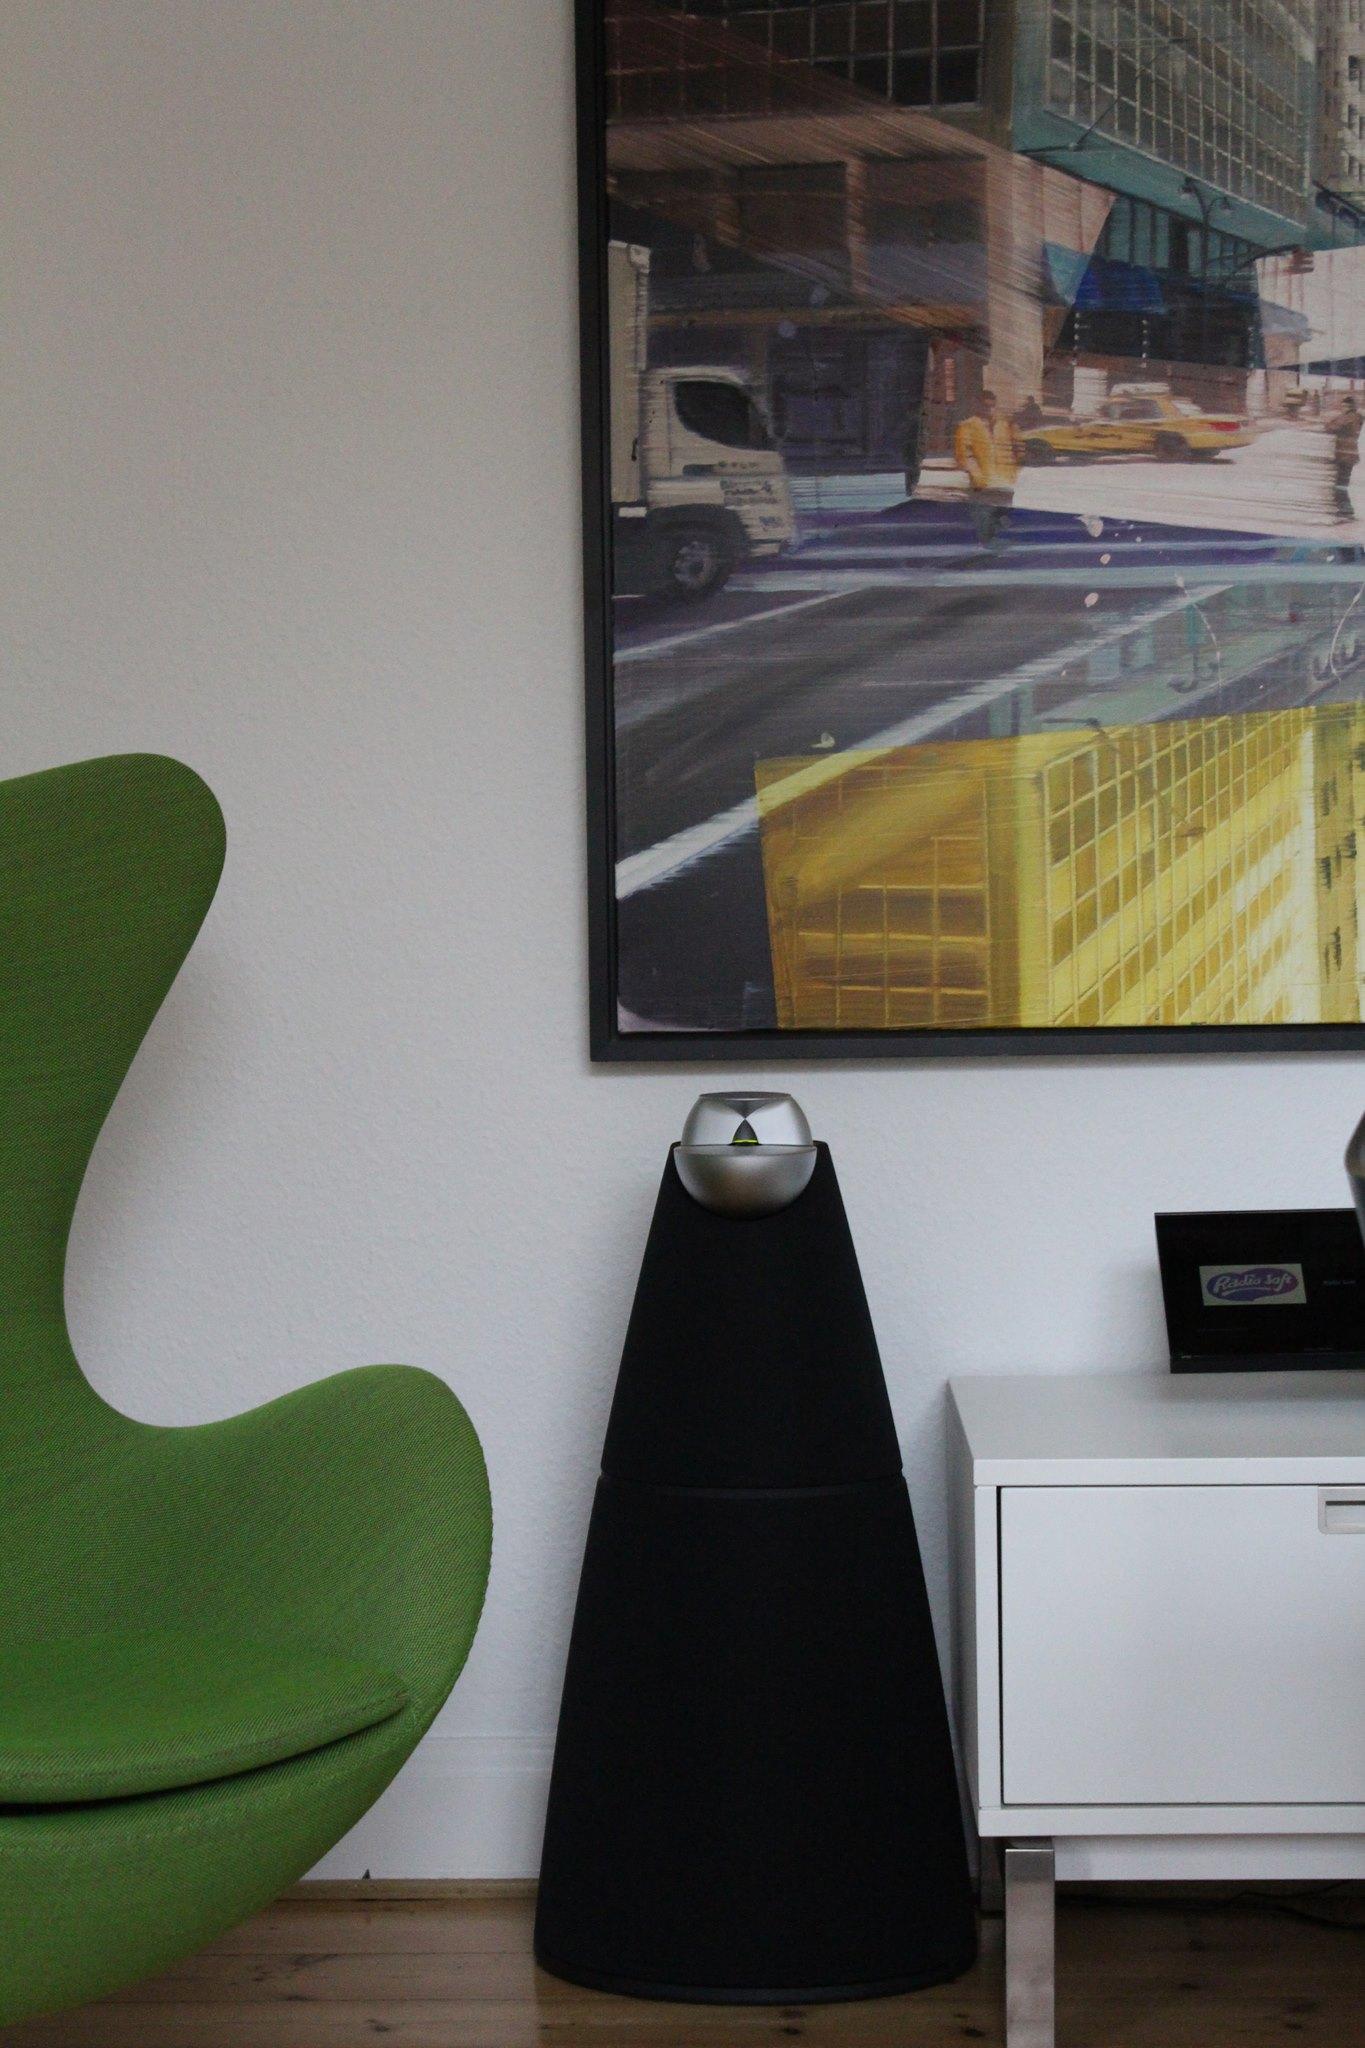 Danish Design B&O Arne Jacobsen